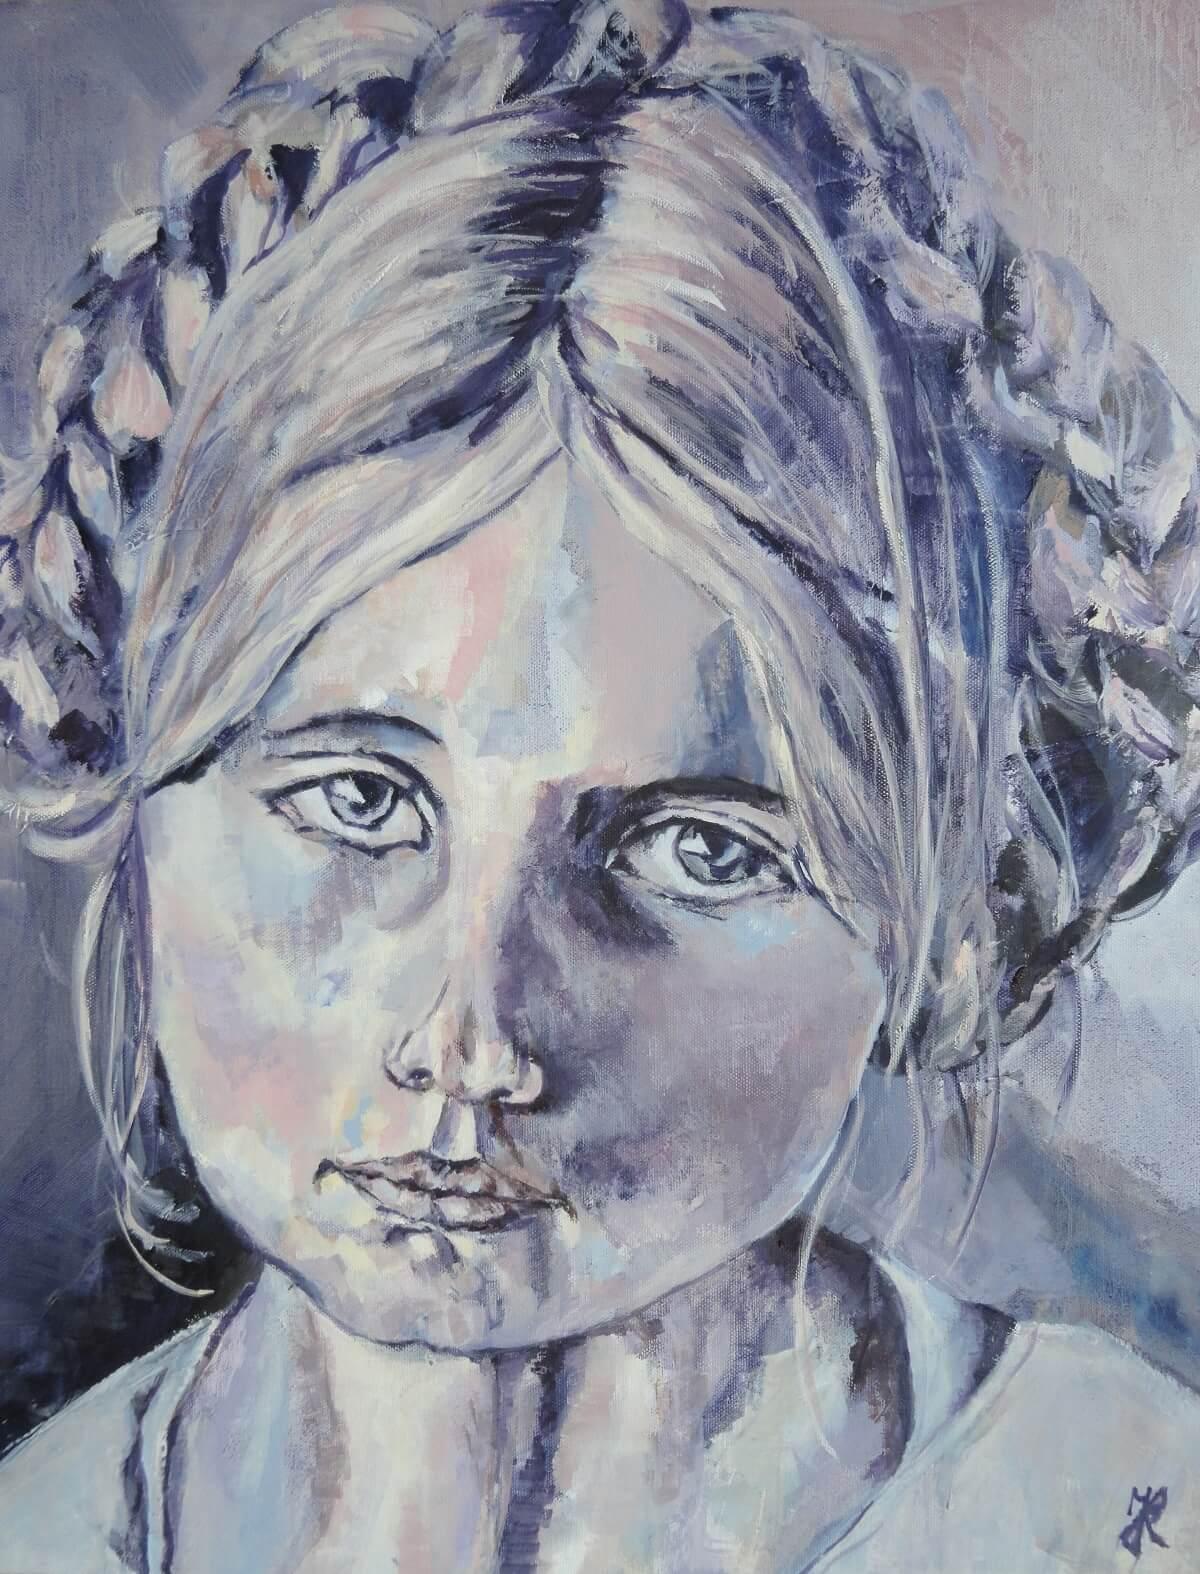 kristel_jacobs_littlegirl_2011_60x50